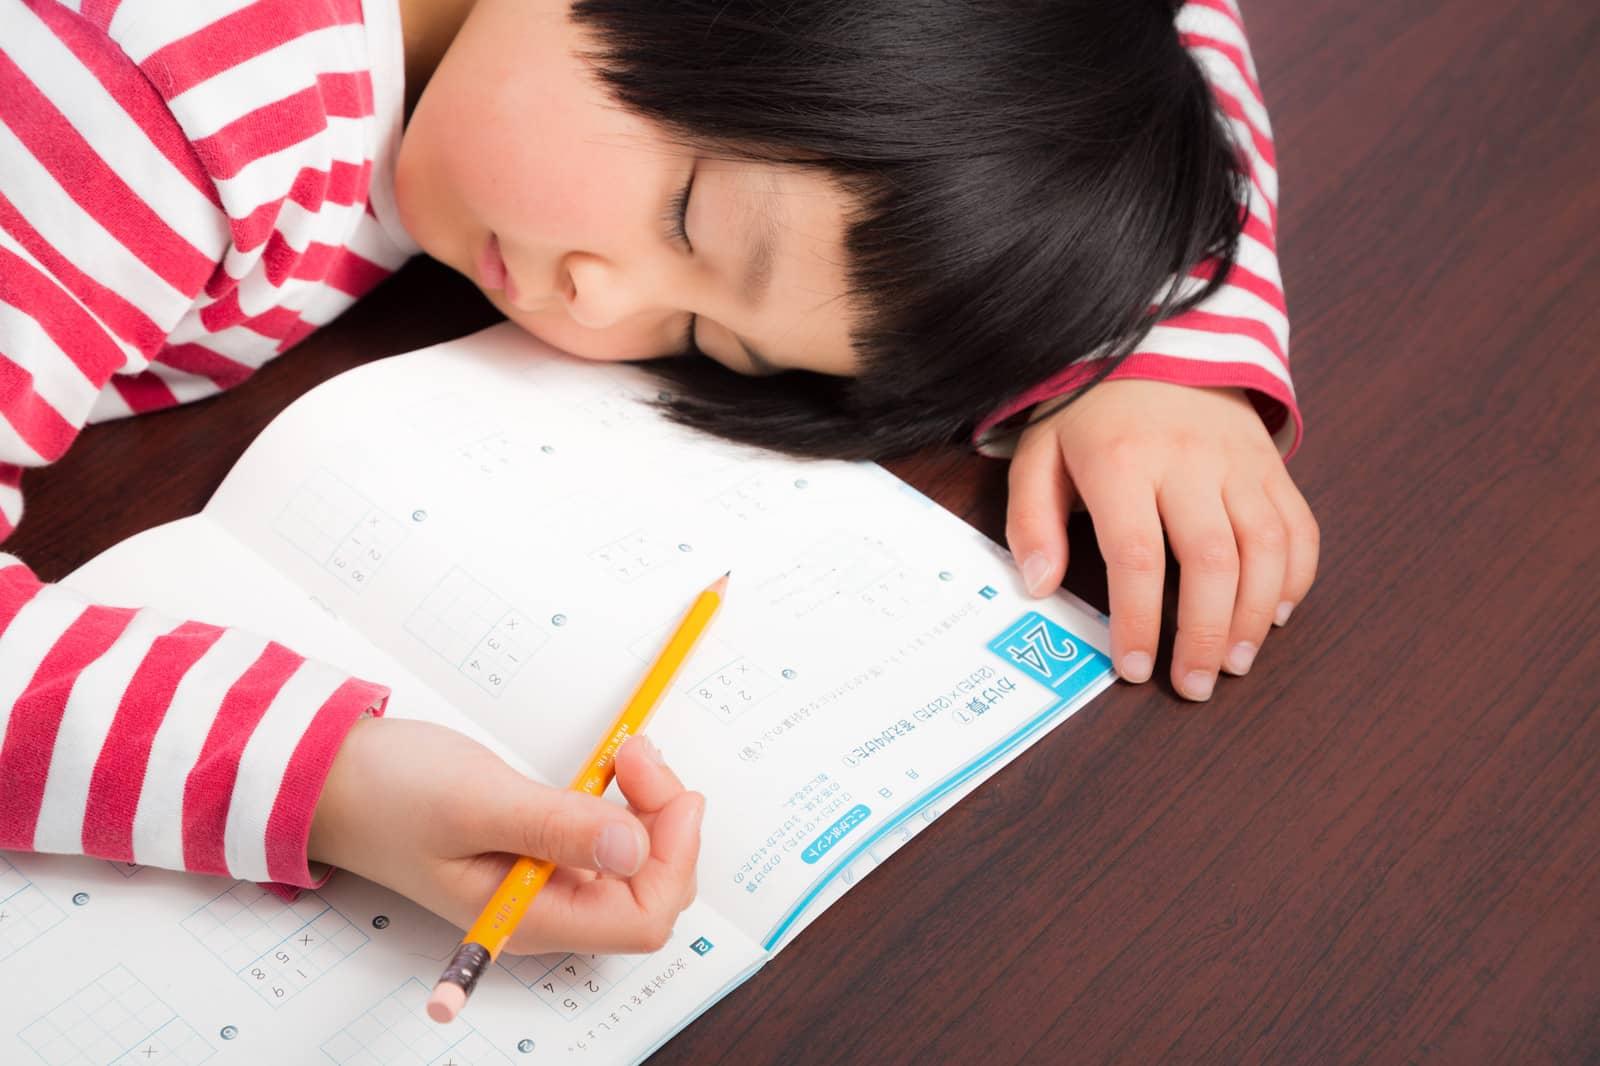 睡眠不足でうたた寝してしまう女の子